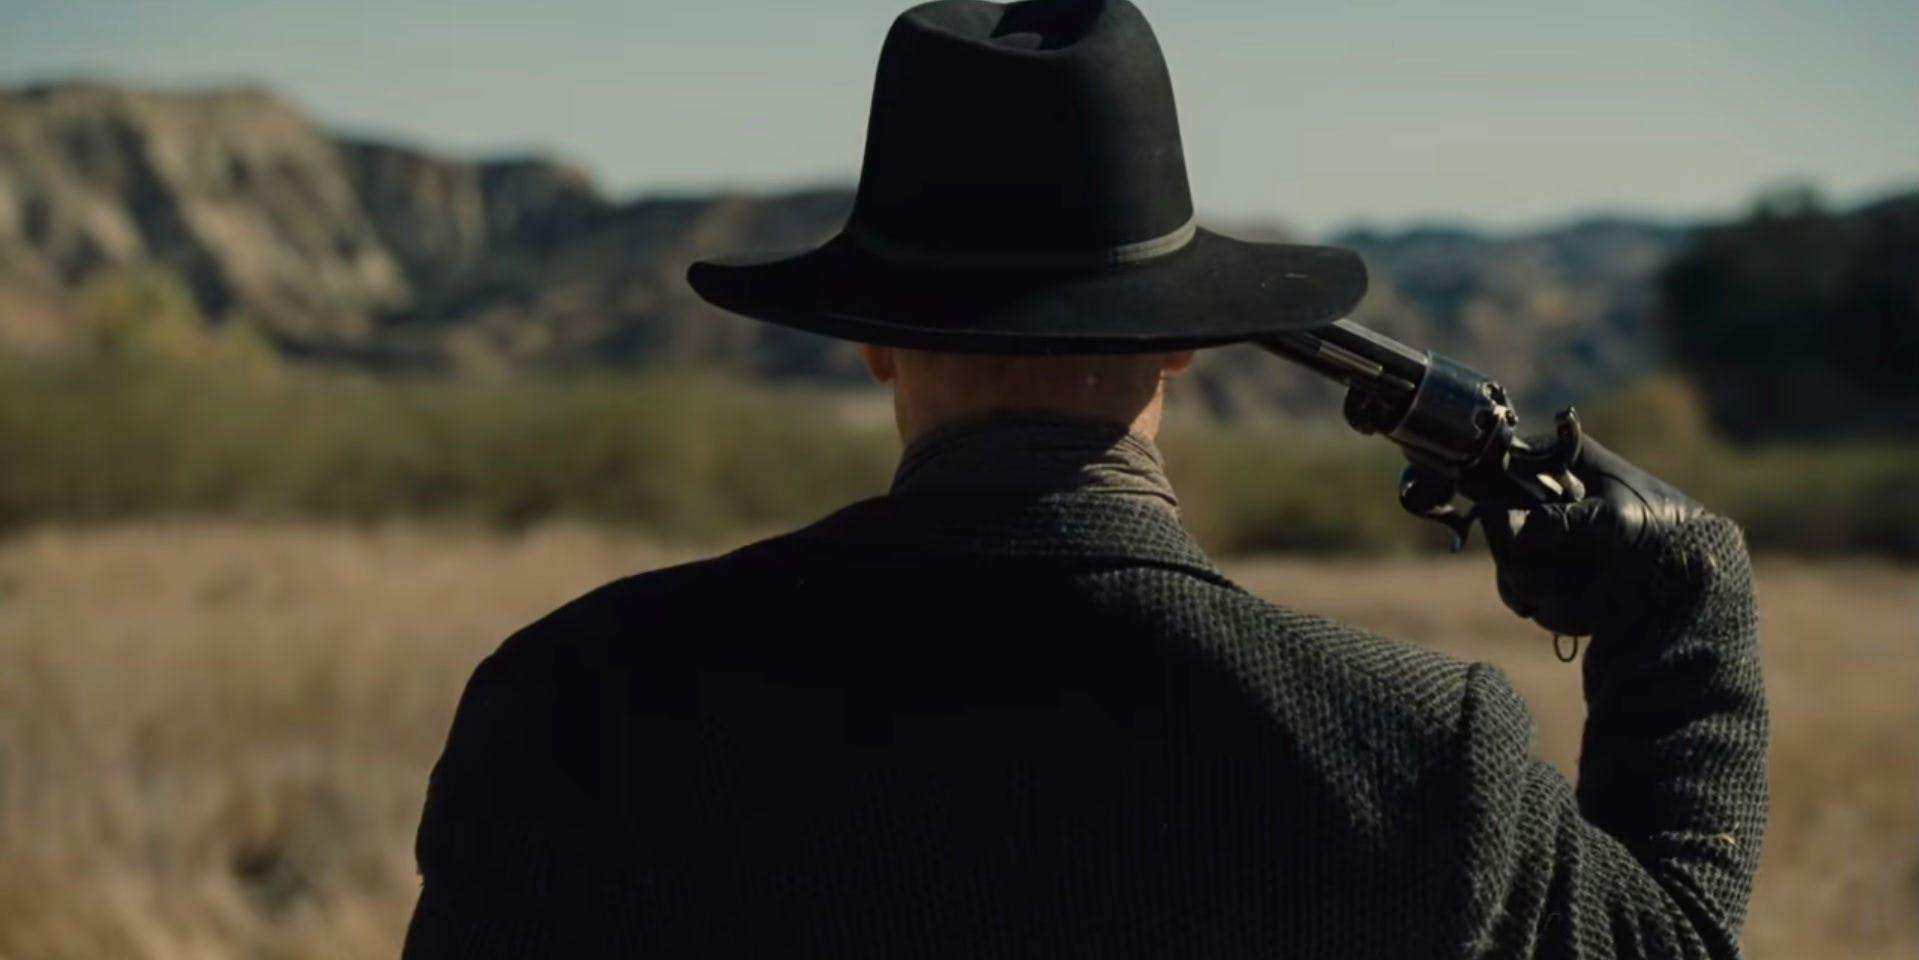 Westworld season 2